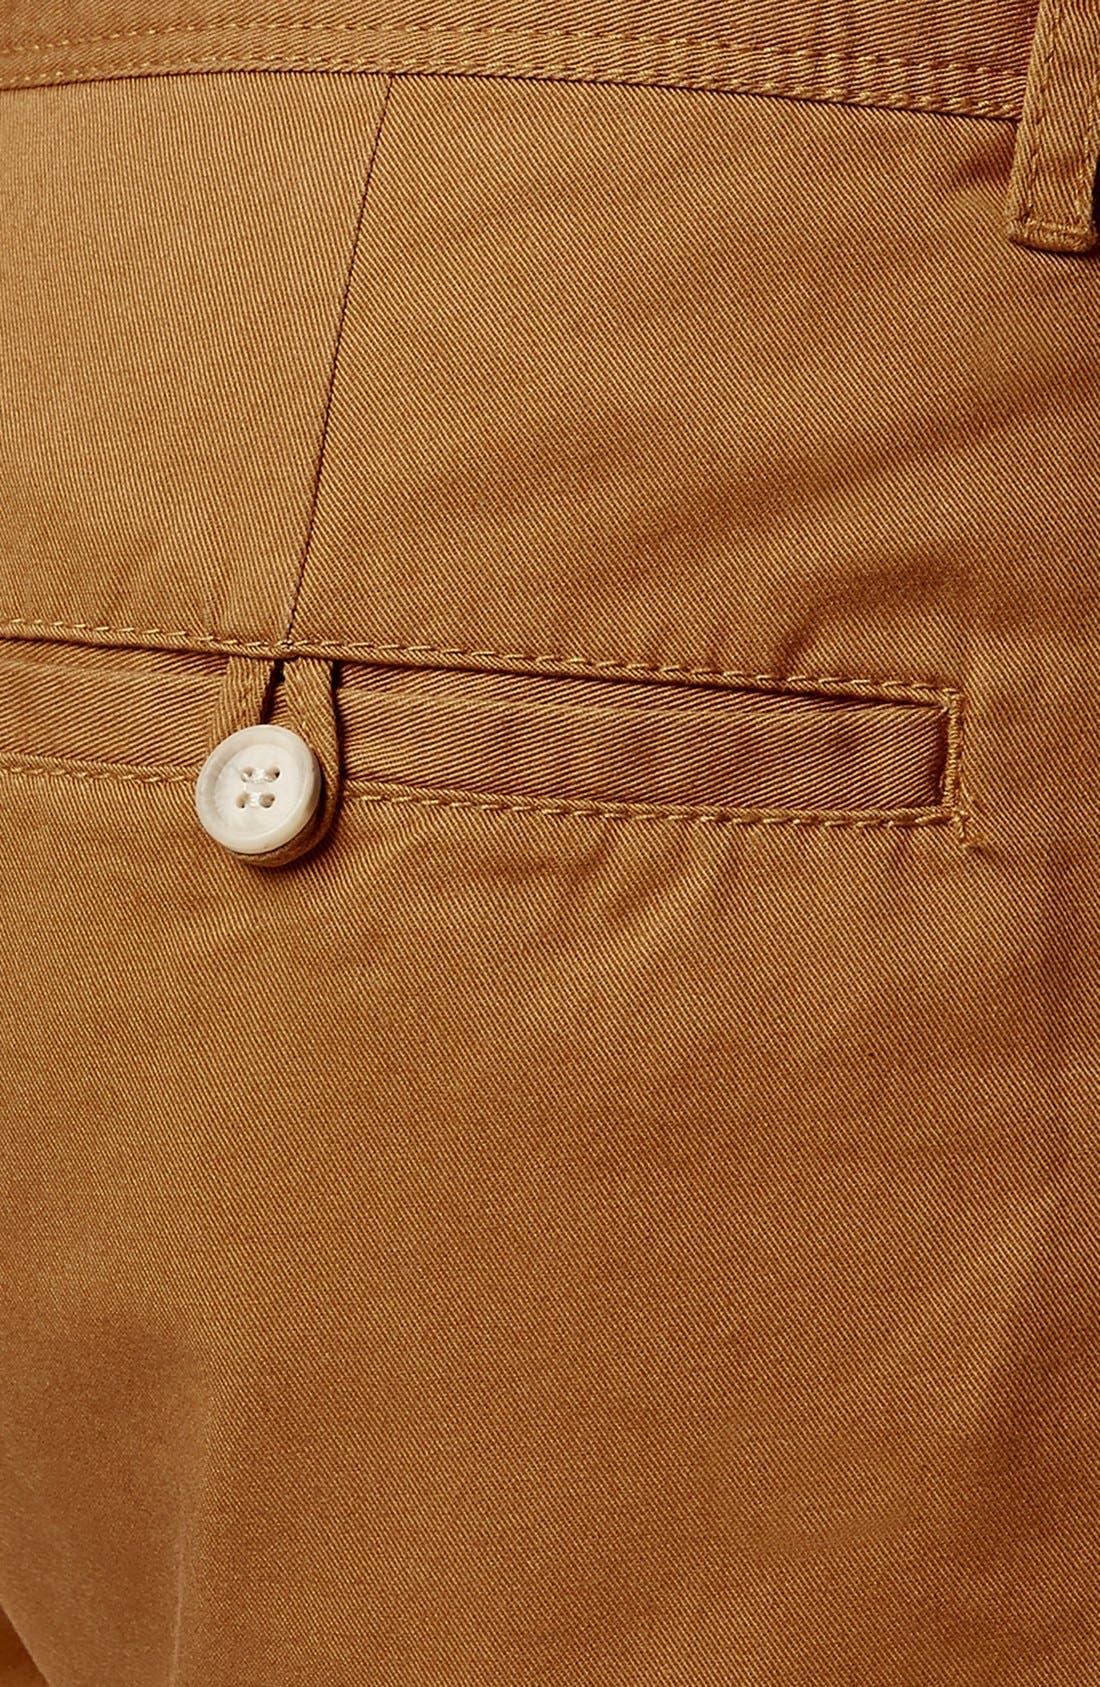 Chino Shorts,                             Alternate thumbnail 2, color,                             700